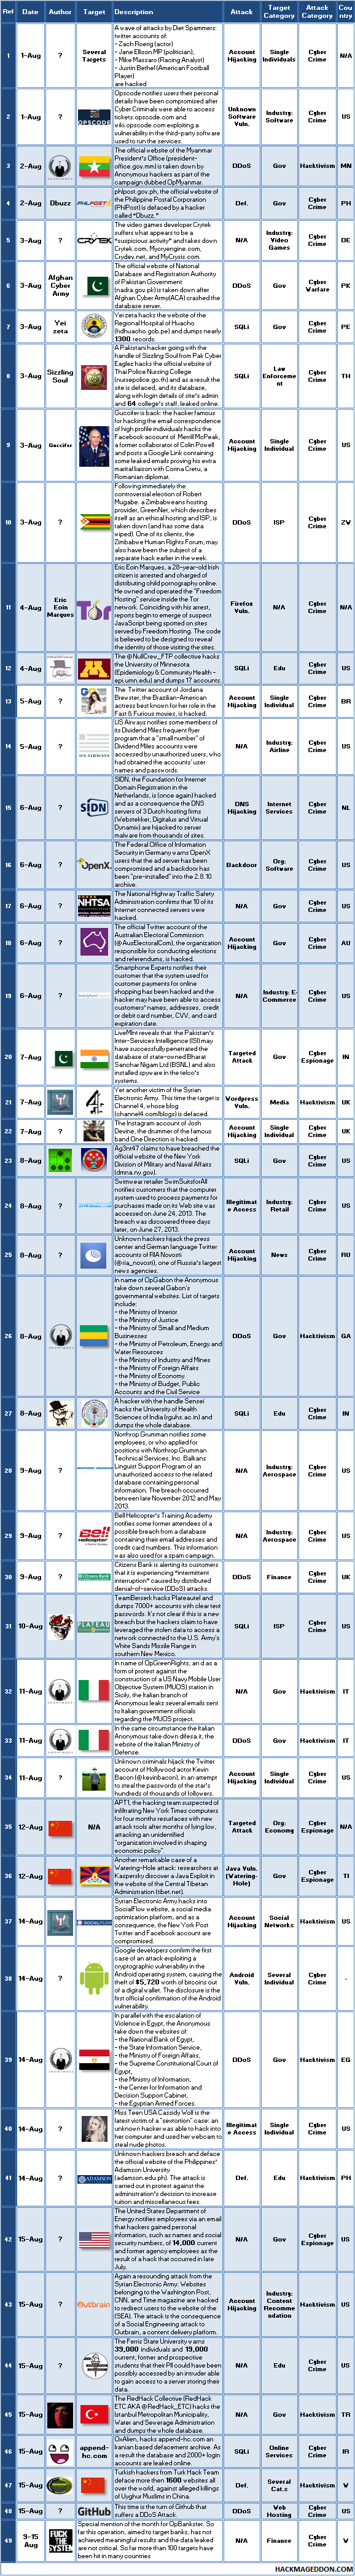 1-15 August 2013 Cyber Attacks Timeline Addendum